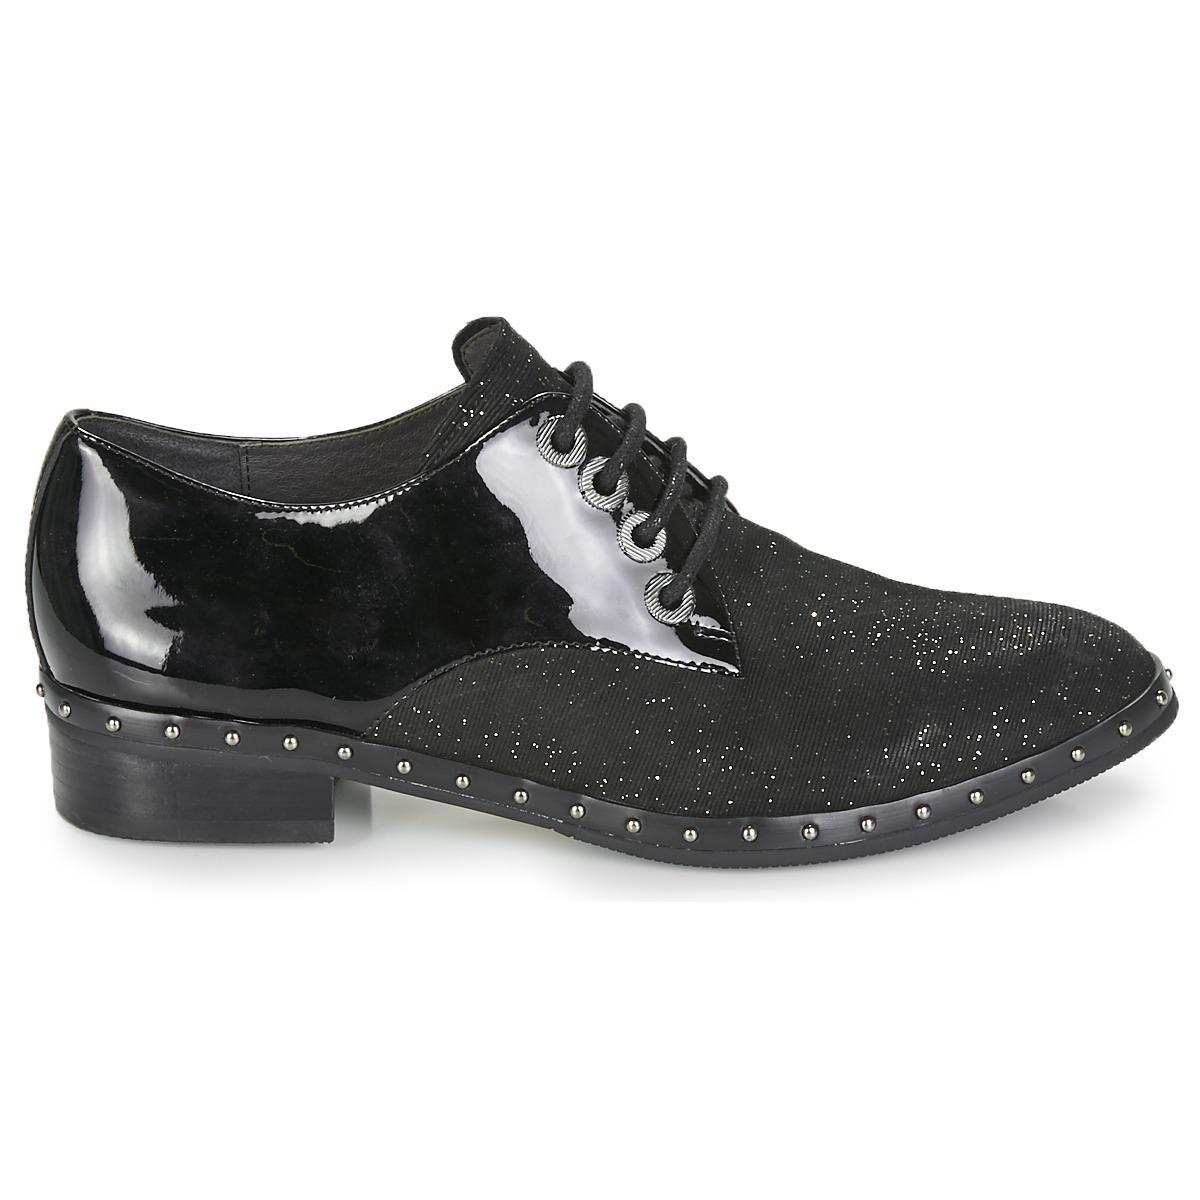 Shoes Sirtos in Lyst In Mam'Zelle Black Women's Casual Black Rpxwtq